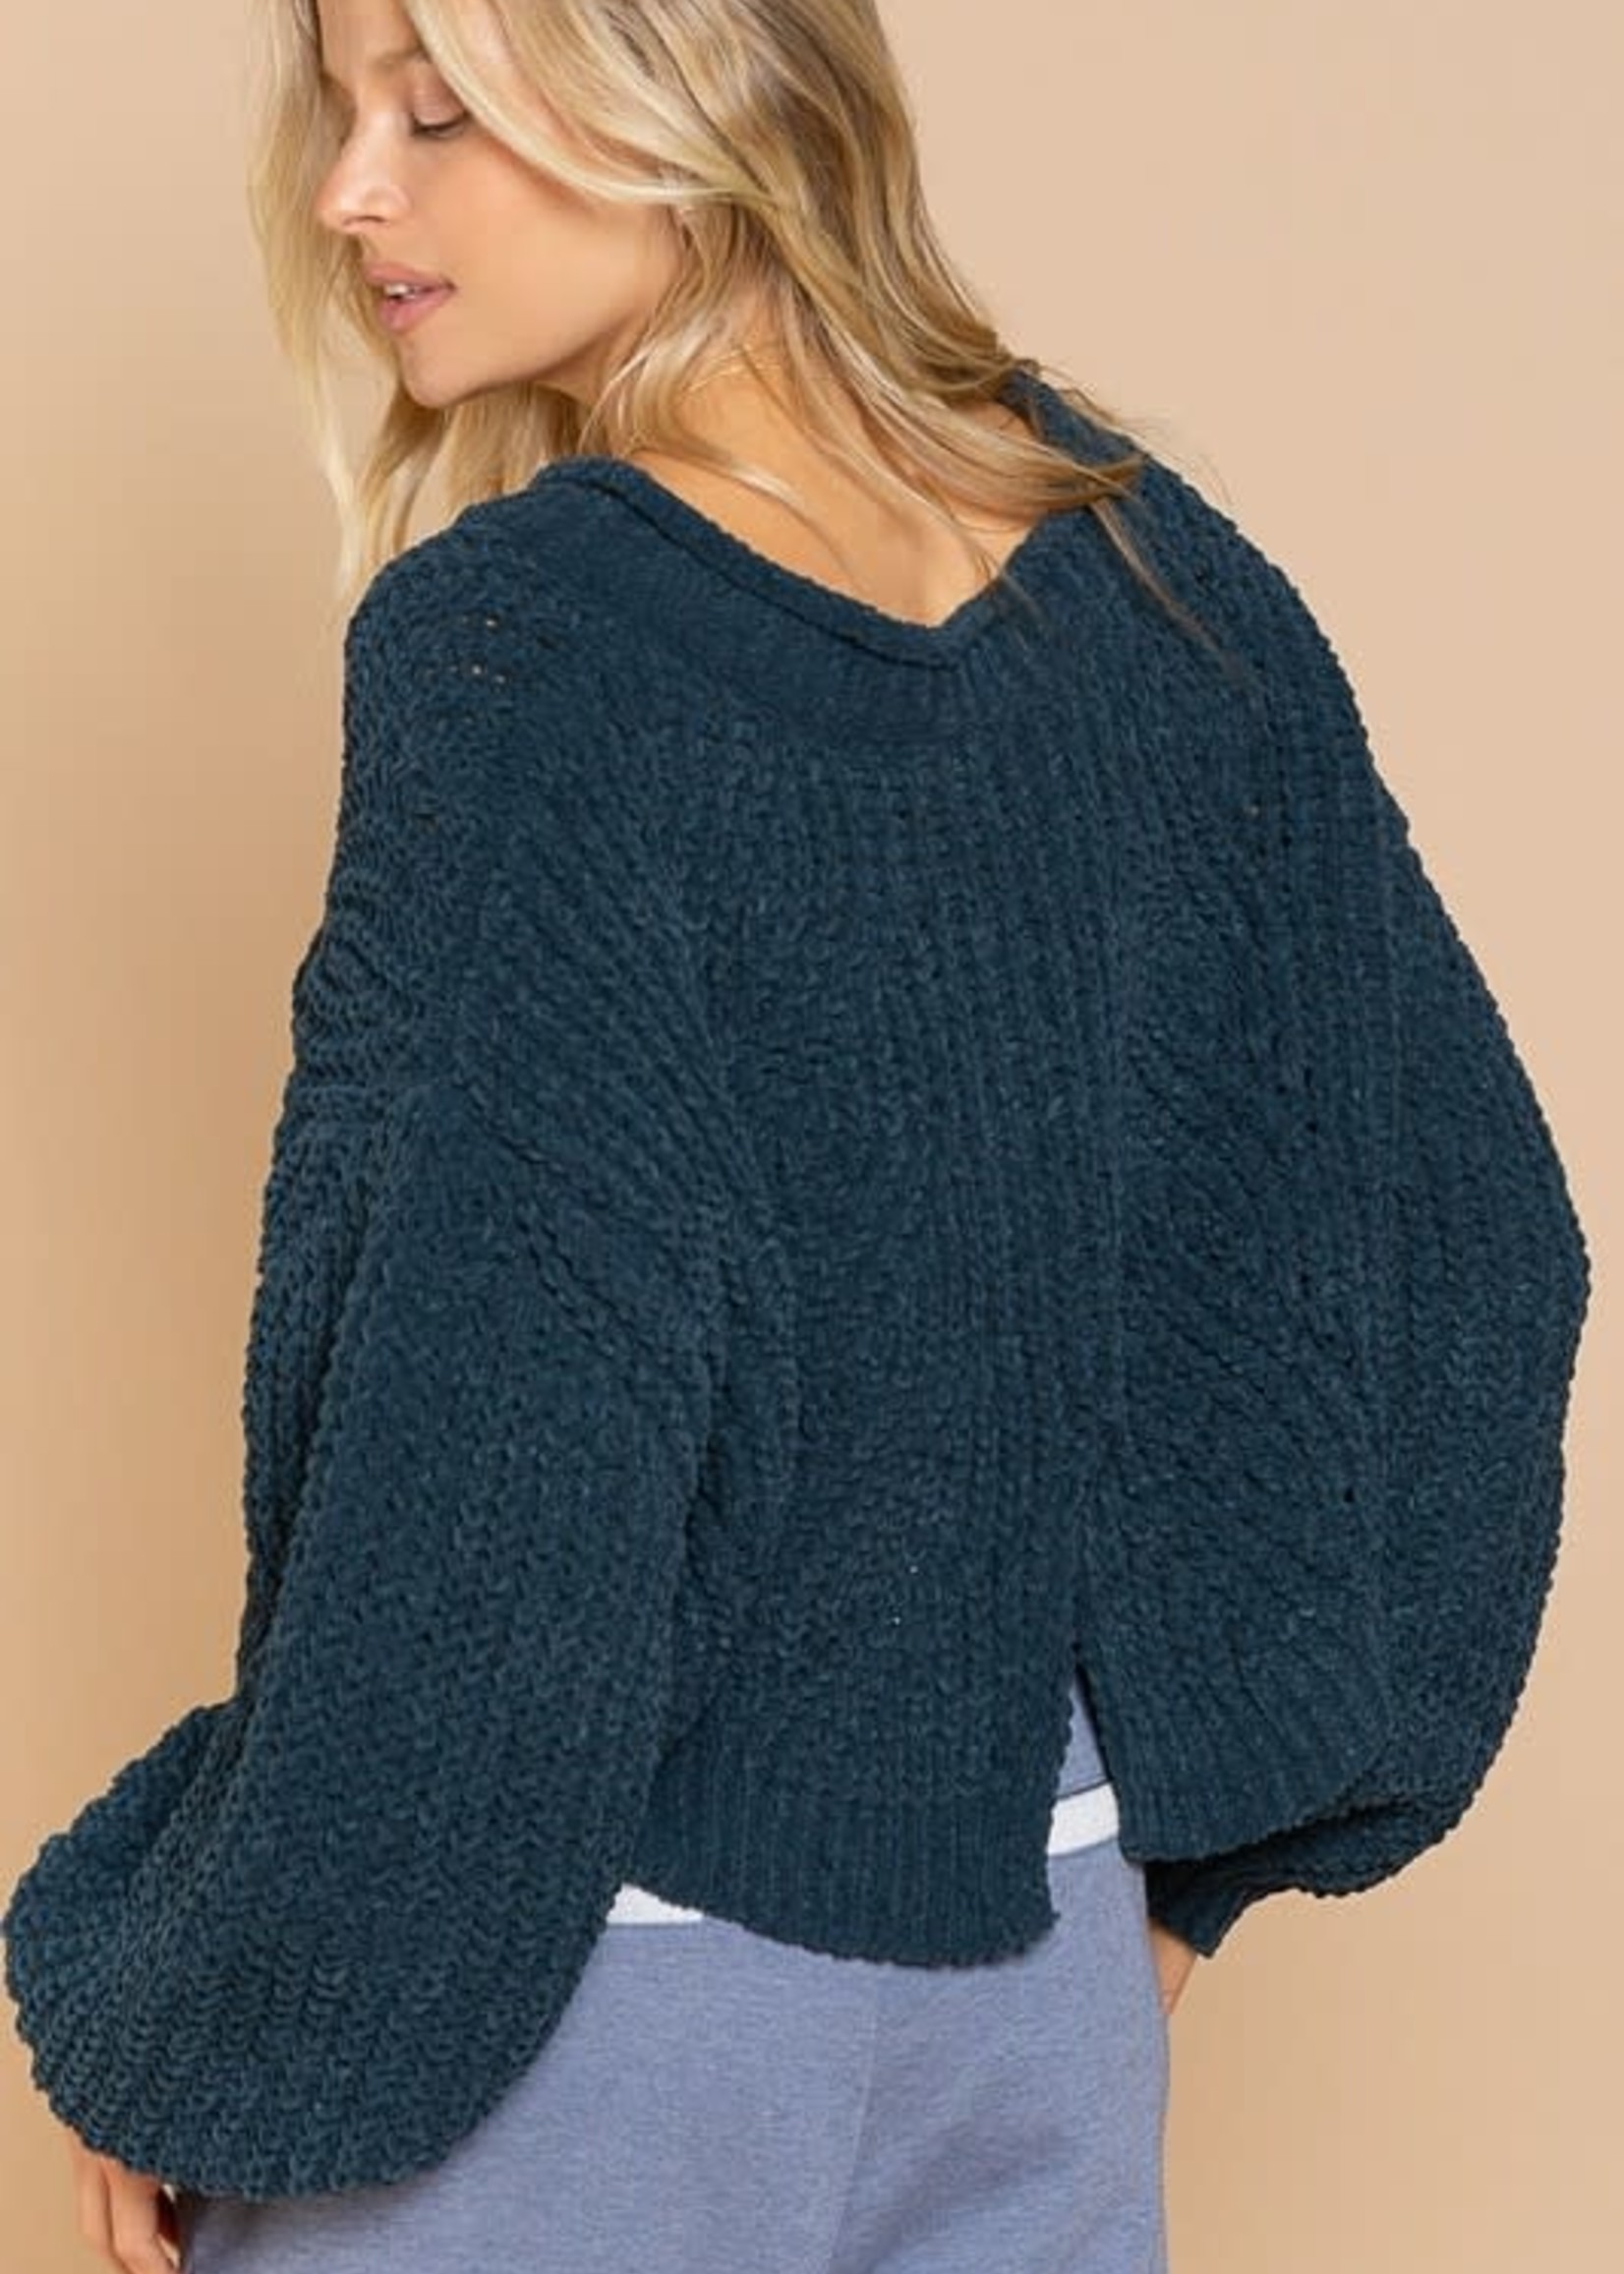 Dream A Dream Sweater (3 Colors)